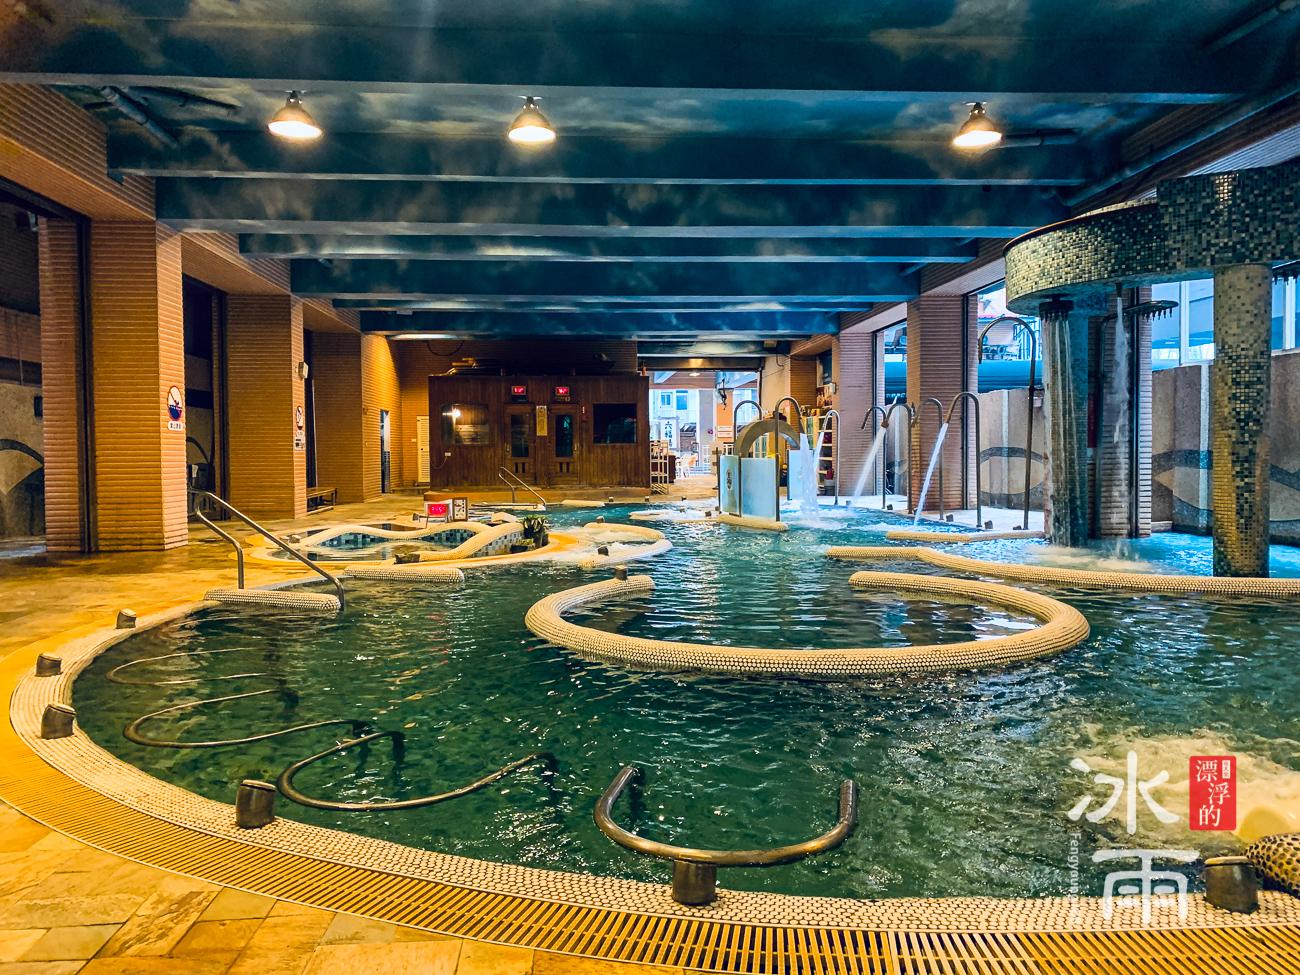 川湯春天溫泉飯店德陽館|公共浴池